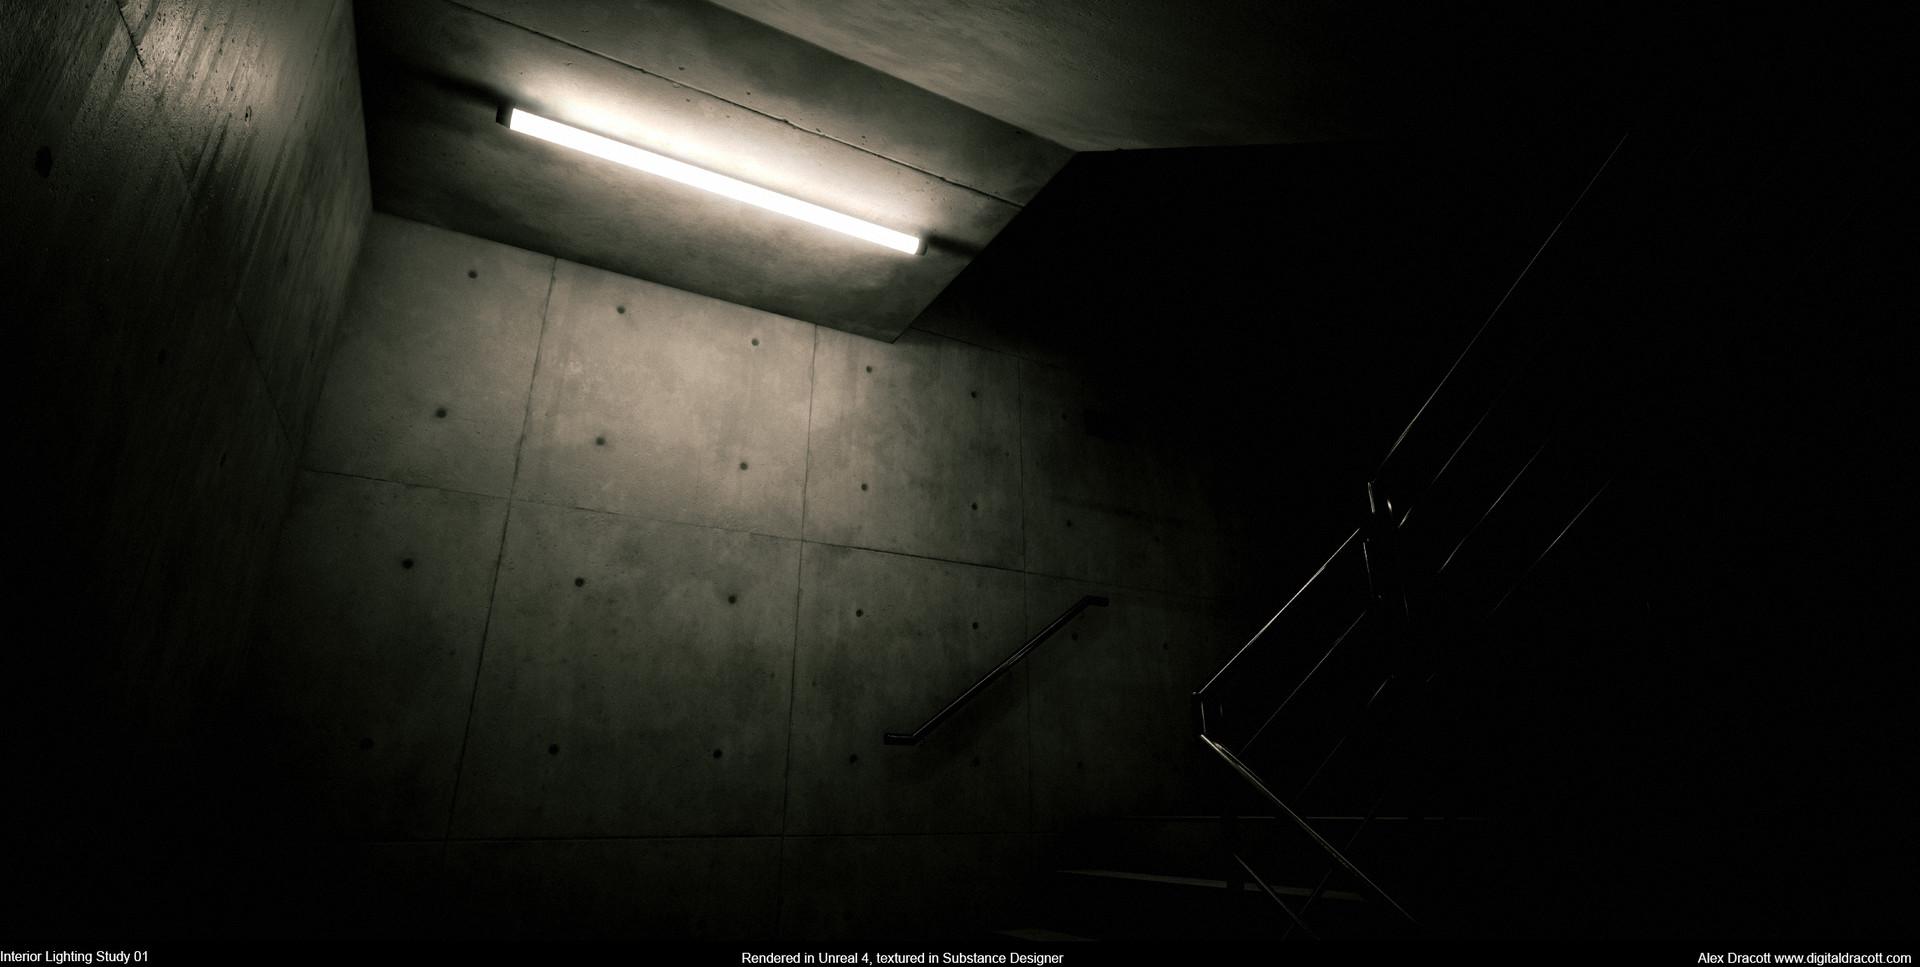 Alexander dracott lightingstudy 01 render 02